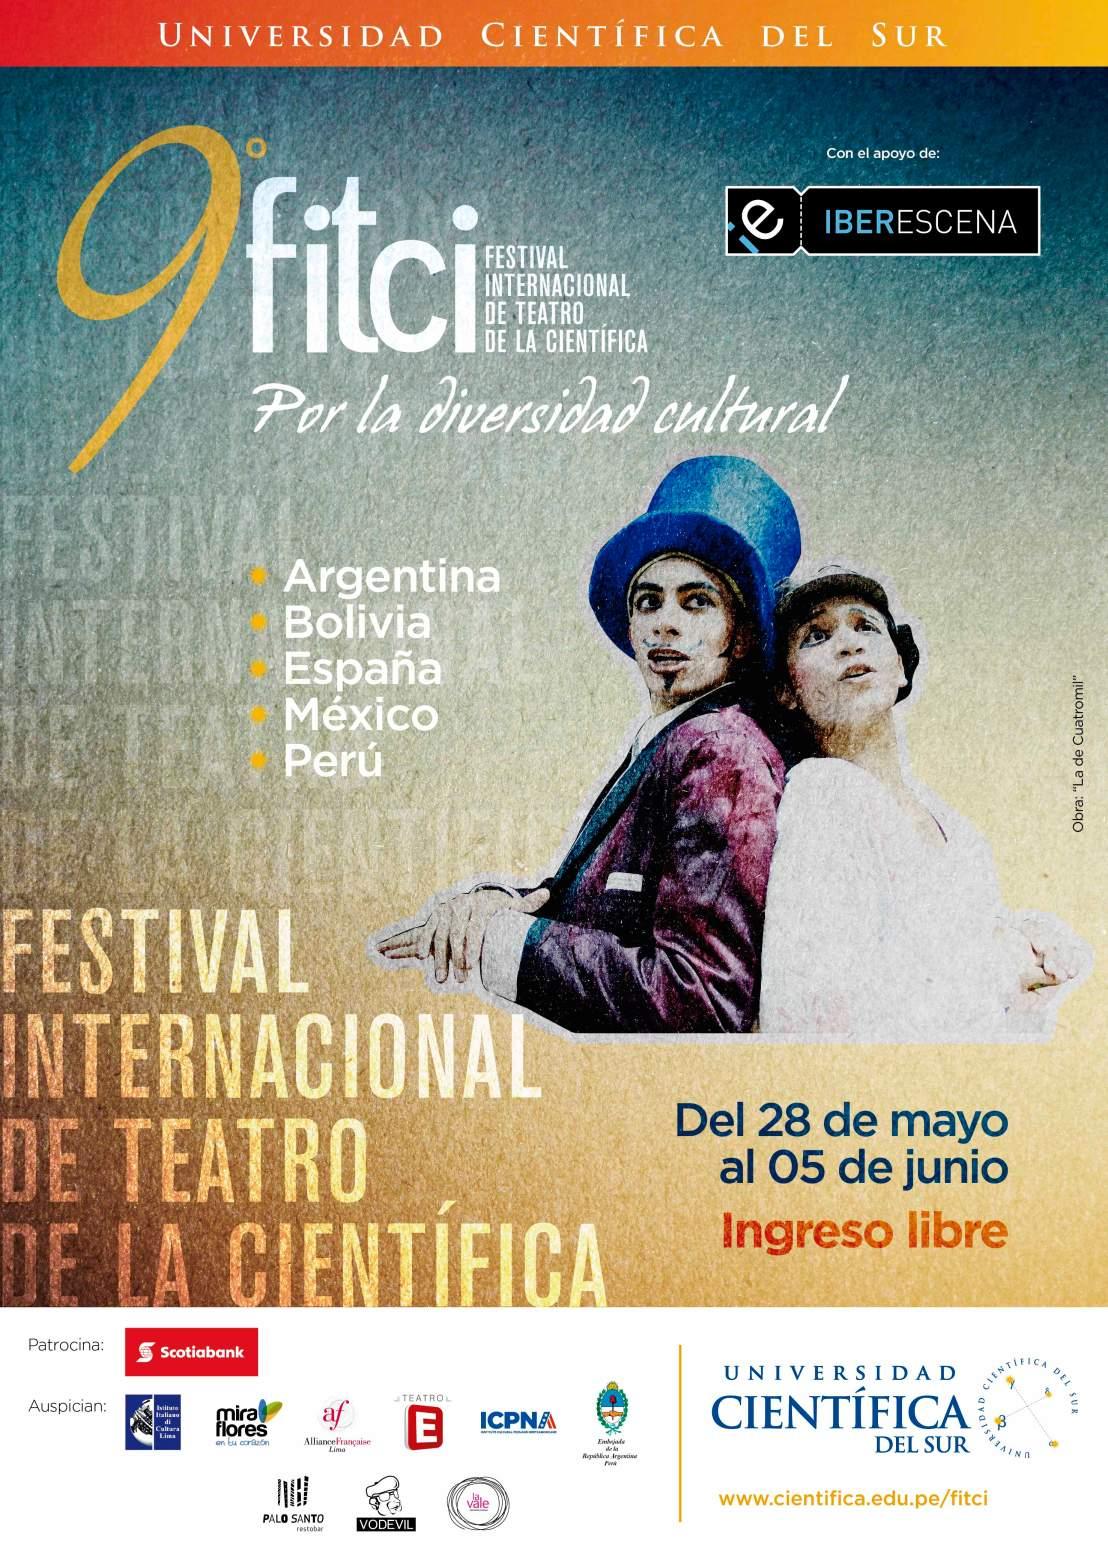 9° Festival Internacional de Teatro de la Universidad Científica delSur